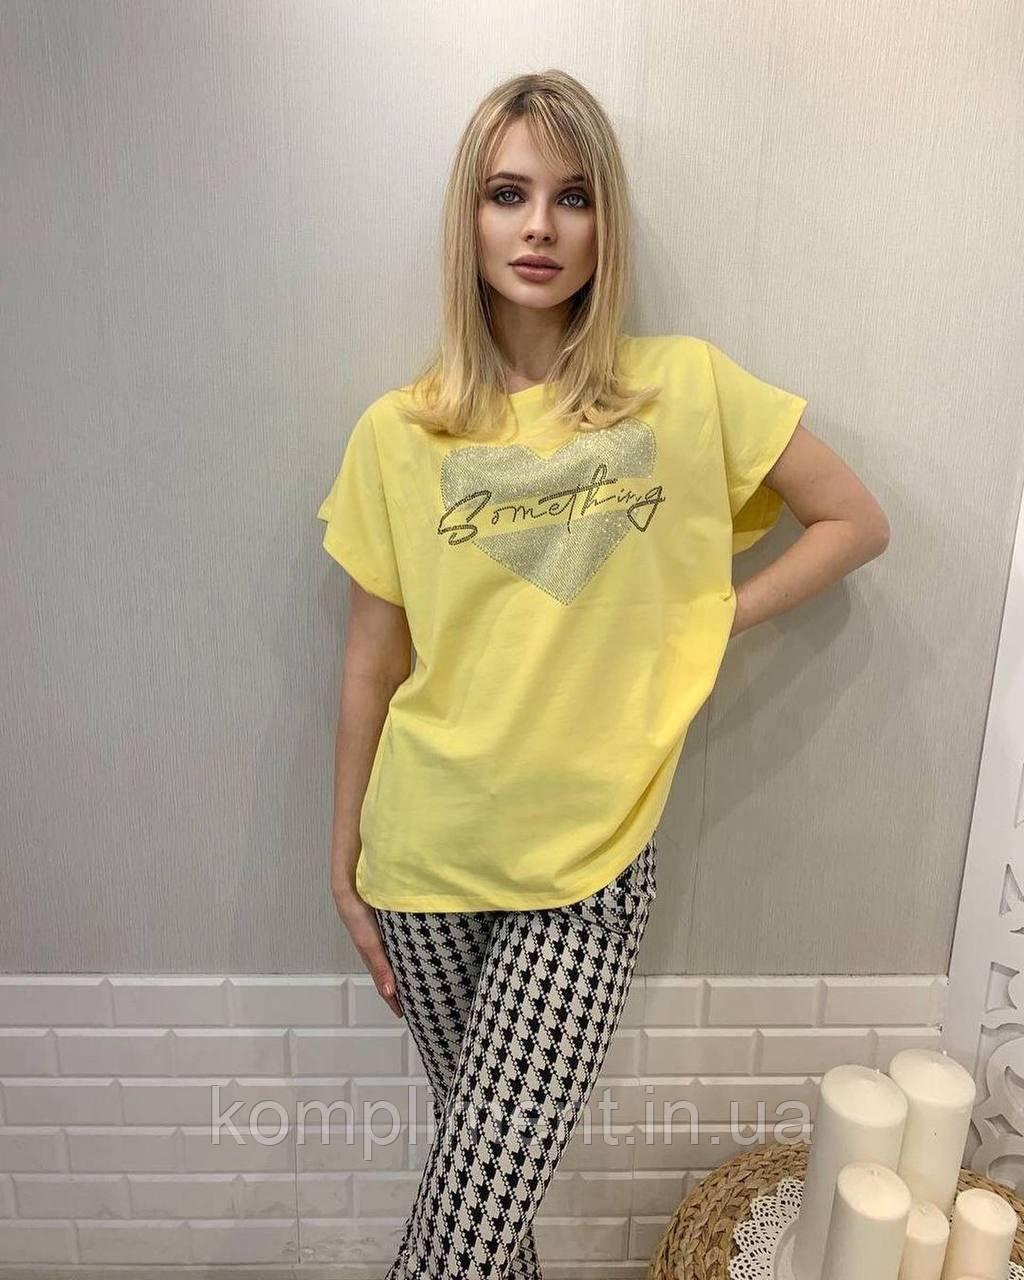 Жіноча турецька яскрава літня футболка з написом, бежев № 7859